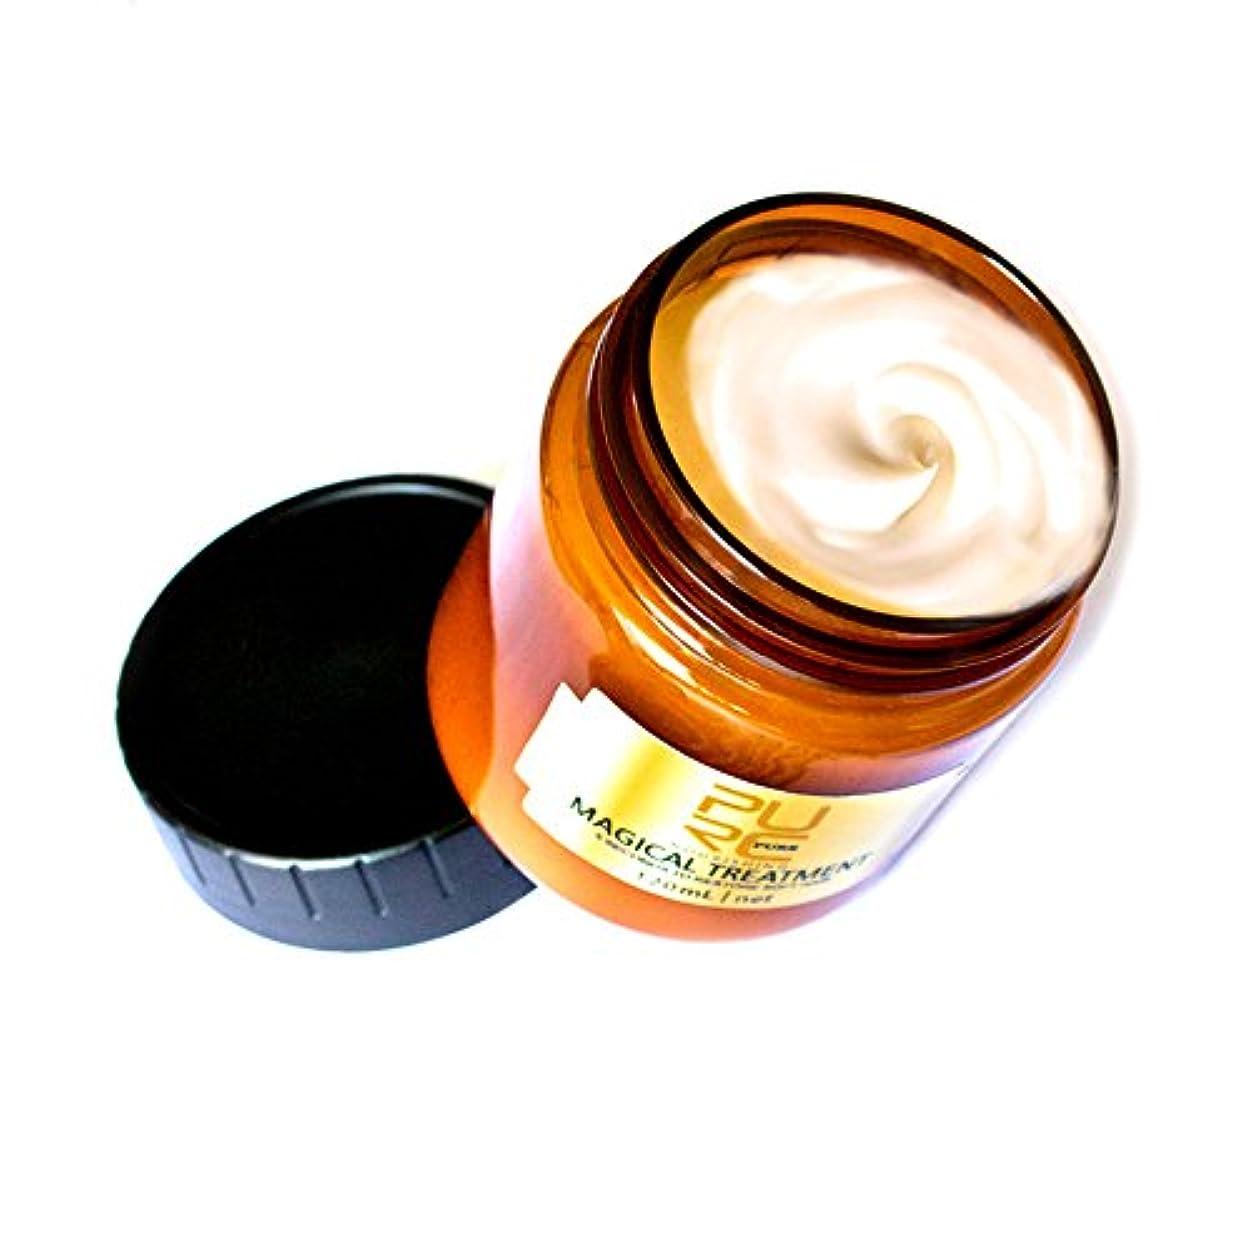 半球ハグ探検魔法のヘアマスク 先端技術 ケラチン成分 柔軟栄養マスク 潤いツヤツヤヘア復元 クセダメージにおさまり集中ケア 毛先までケア カラーストレートパーマにオススメ 乾燥髪が硬い太い広がる人ぴったり パサつきがなくなり (60ml)